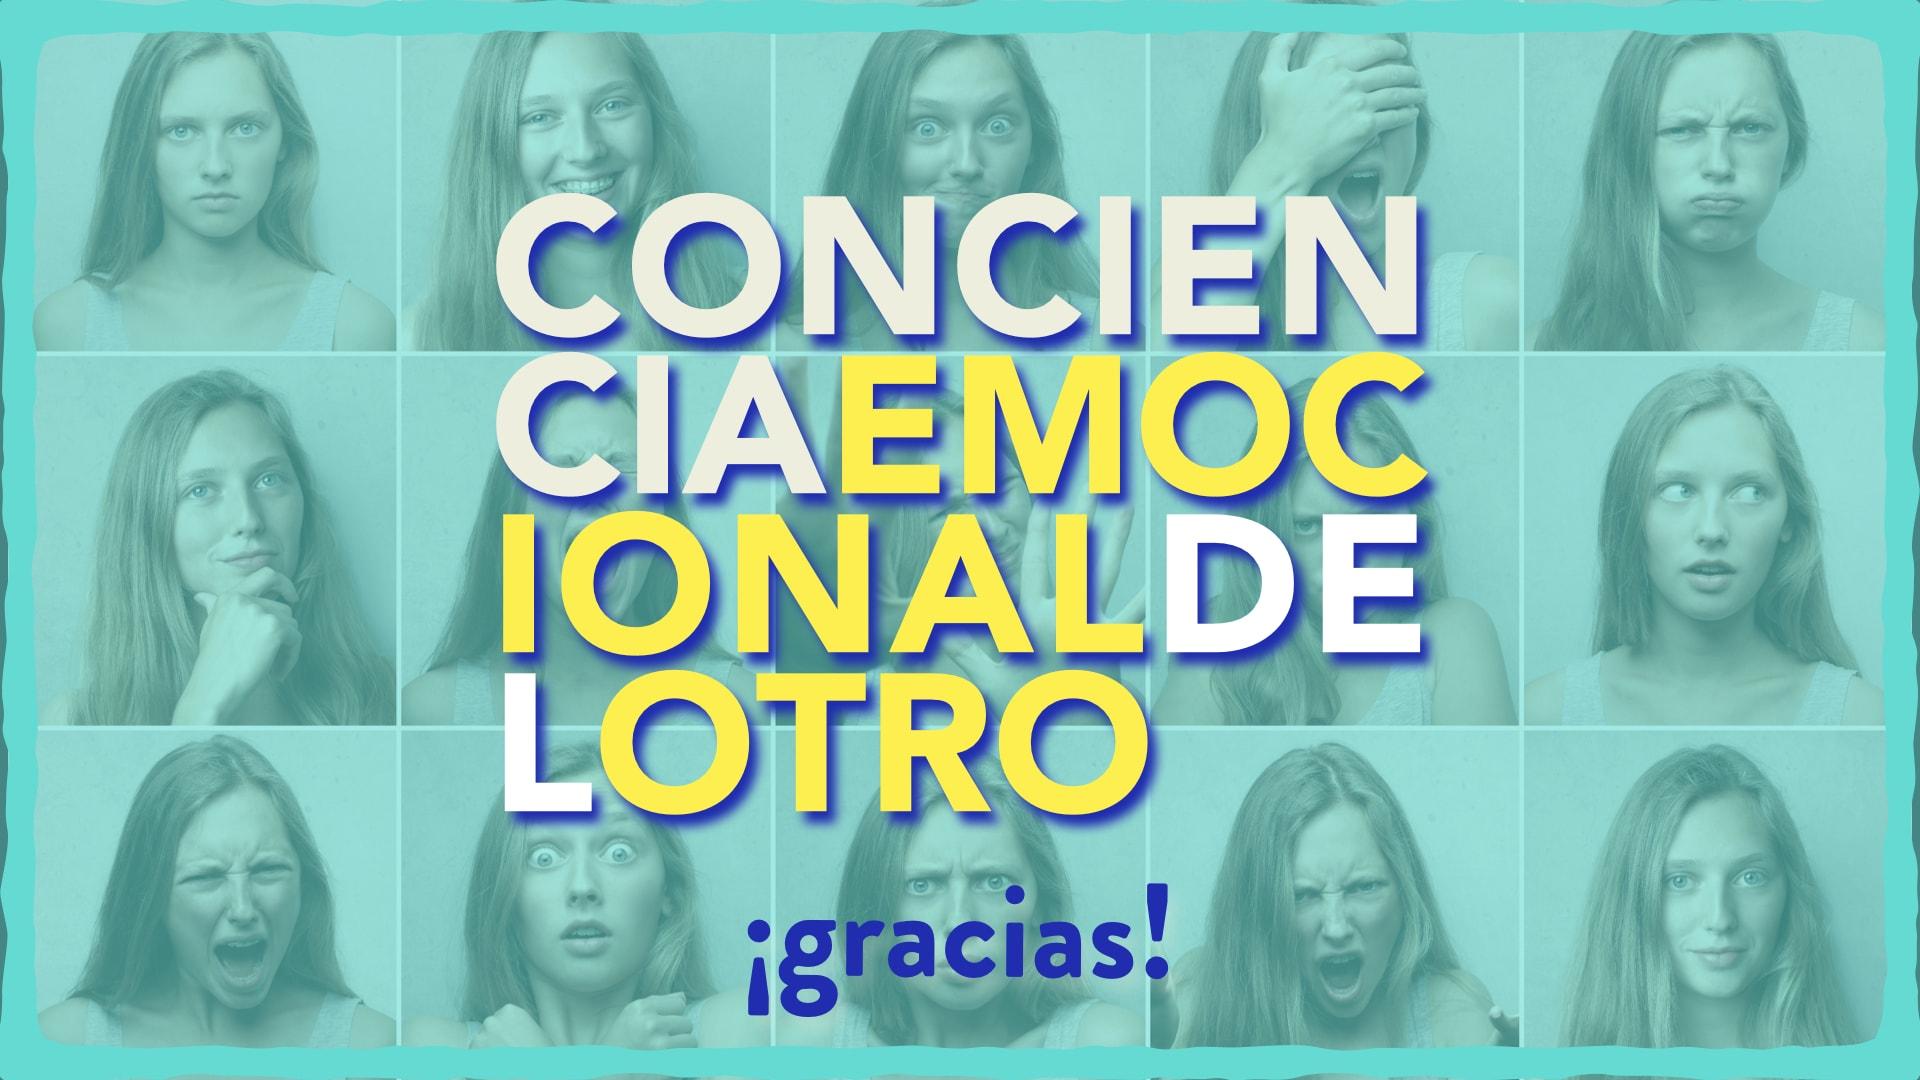 image from Conciencia Emocional Social